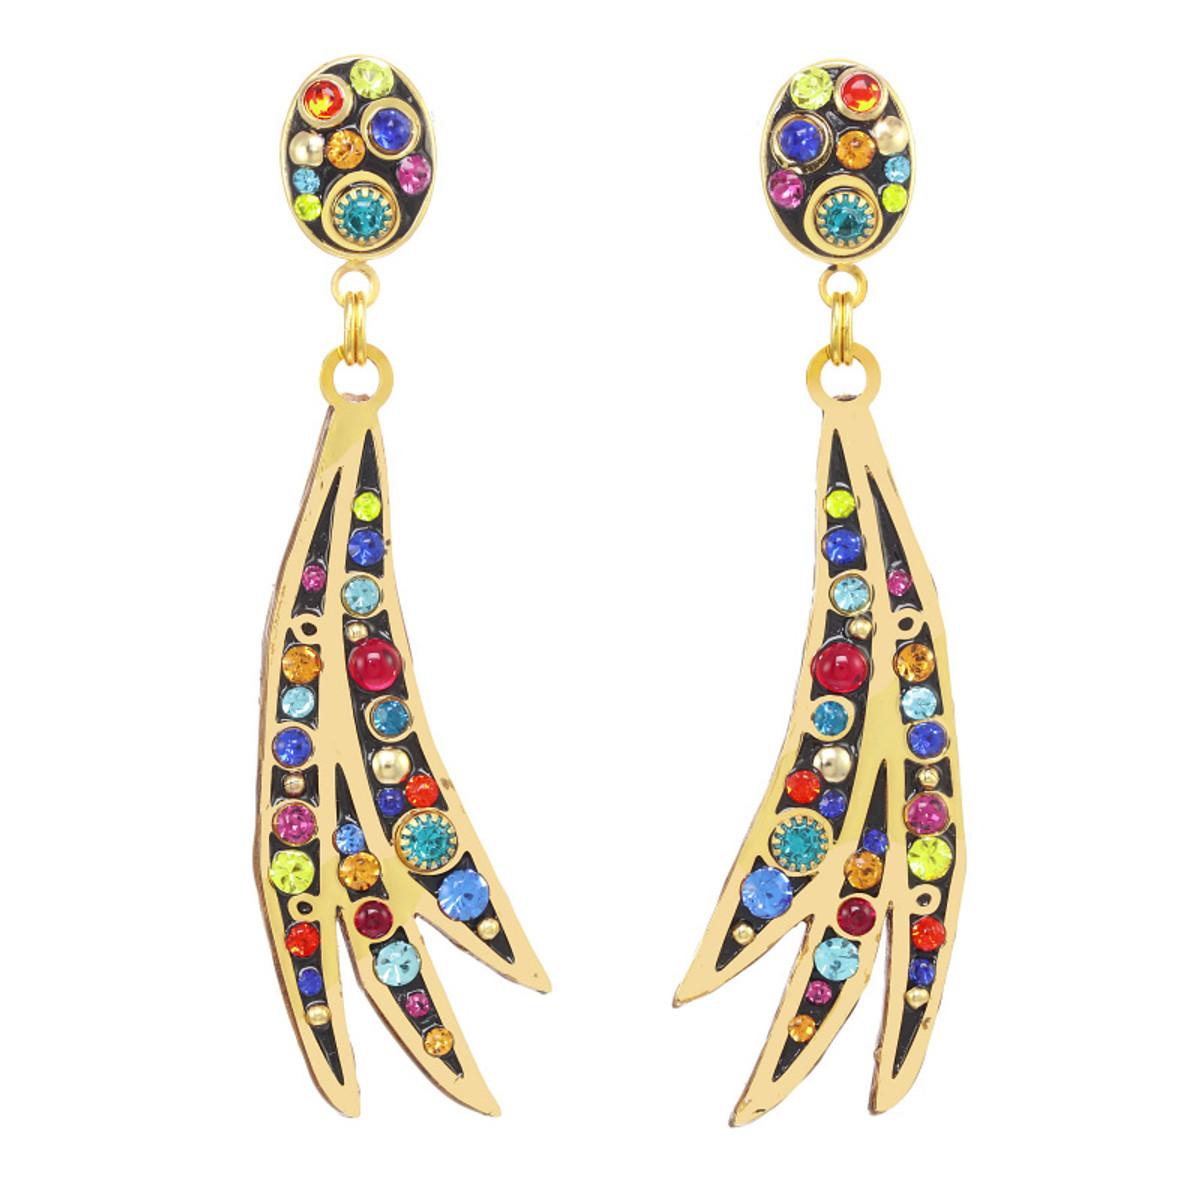 Cosmic earrings from Michal Golan Jewelry